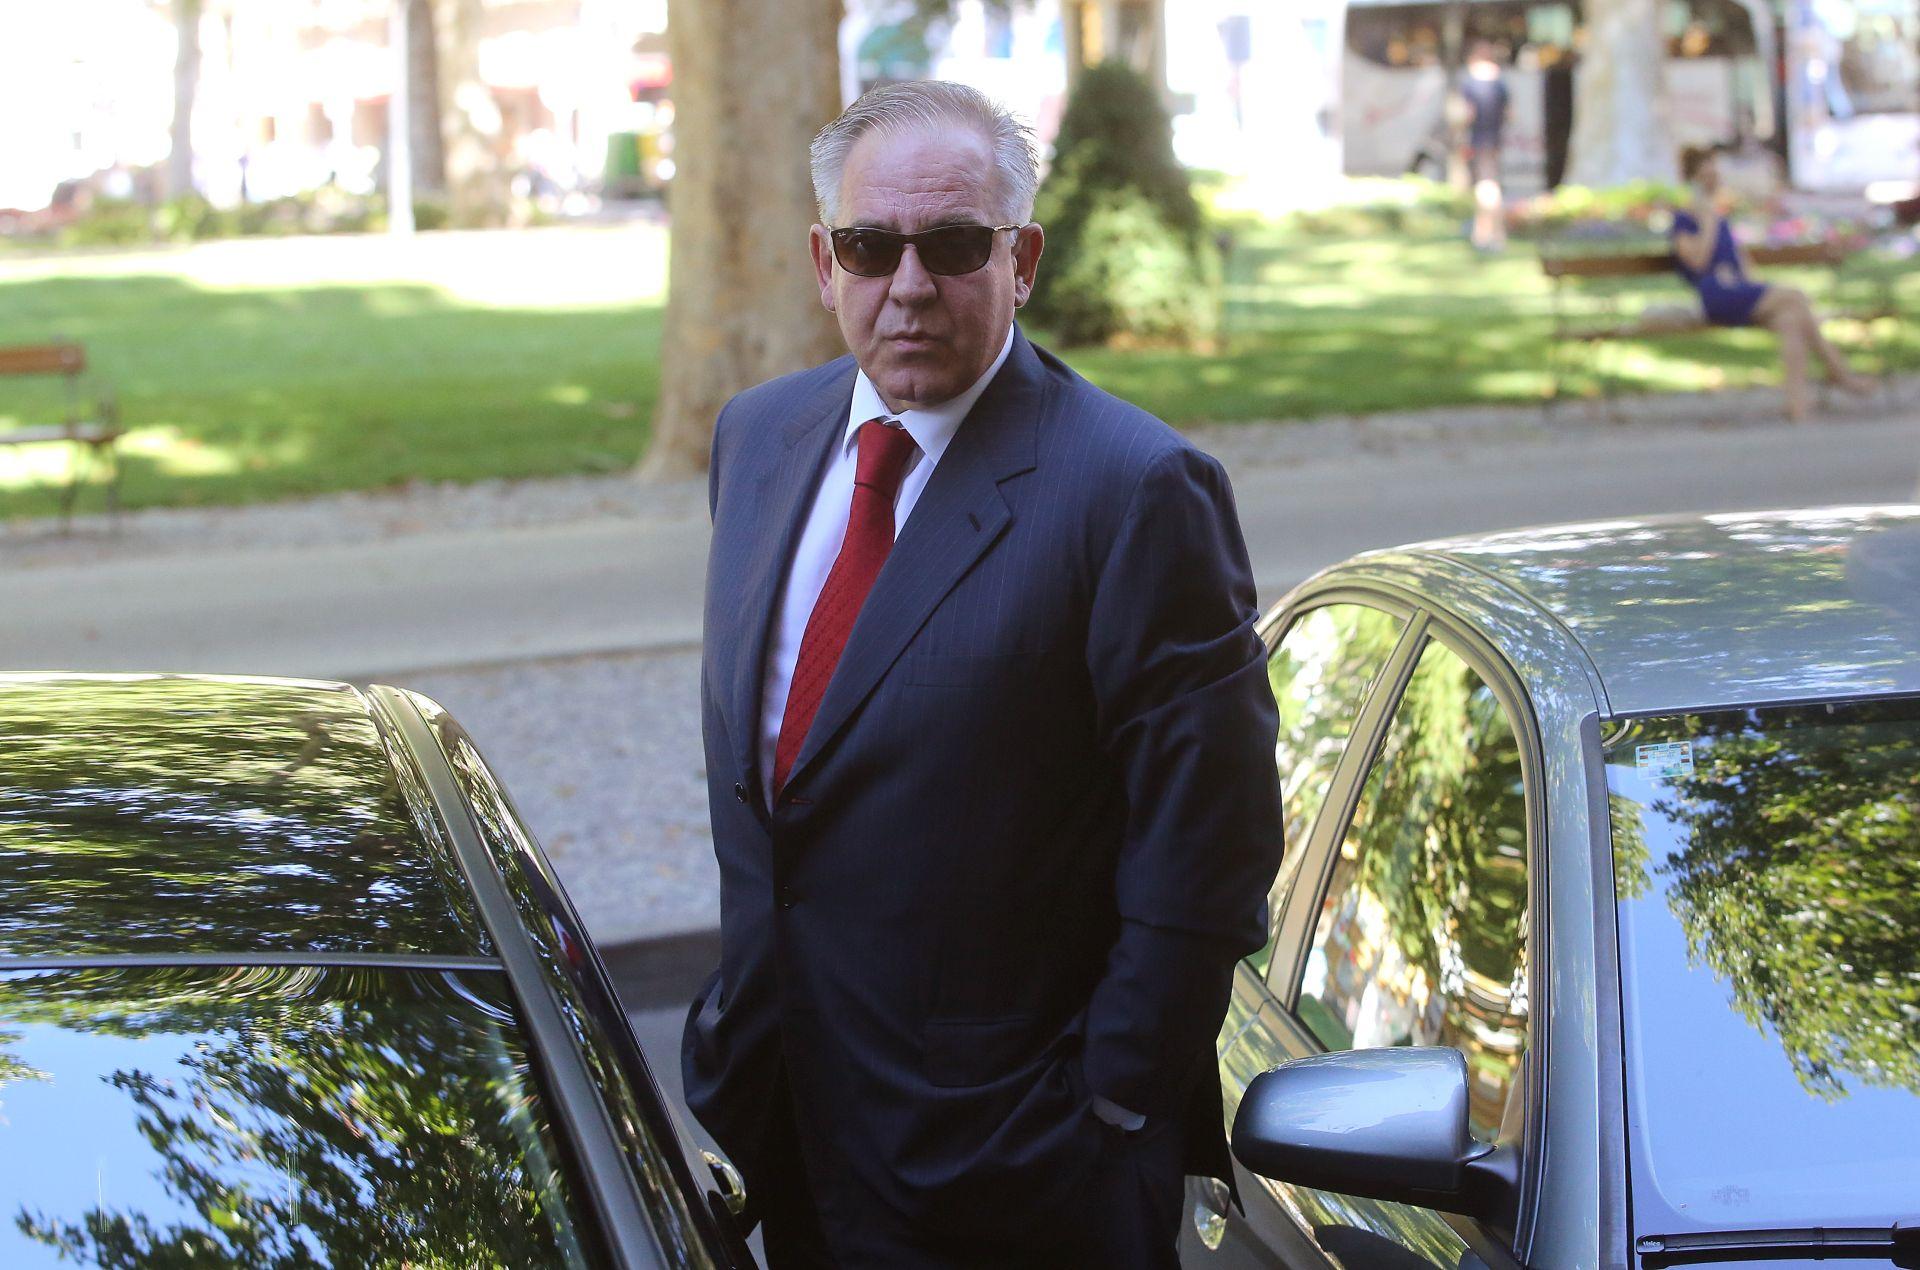 SLUČAJ FIMI MEDIA: Vještak treba odlučiti može li Sanader nakon operacije pratiti suđenje